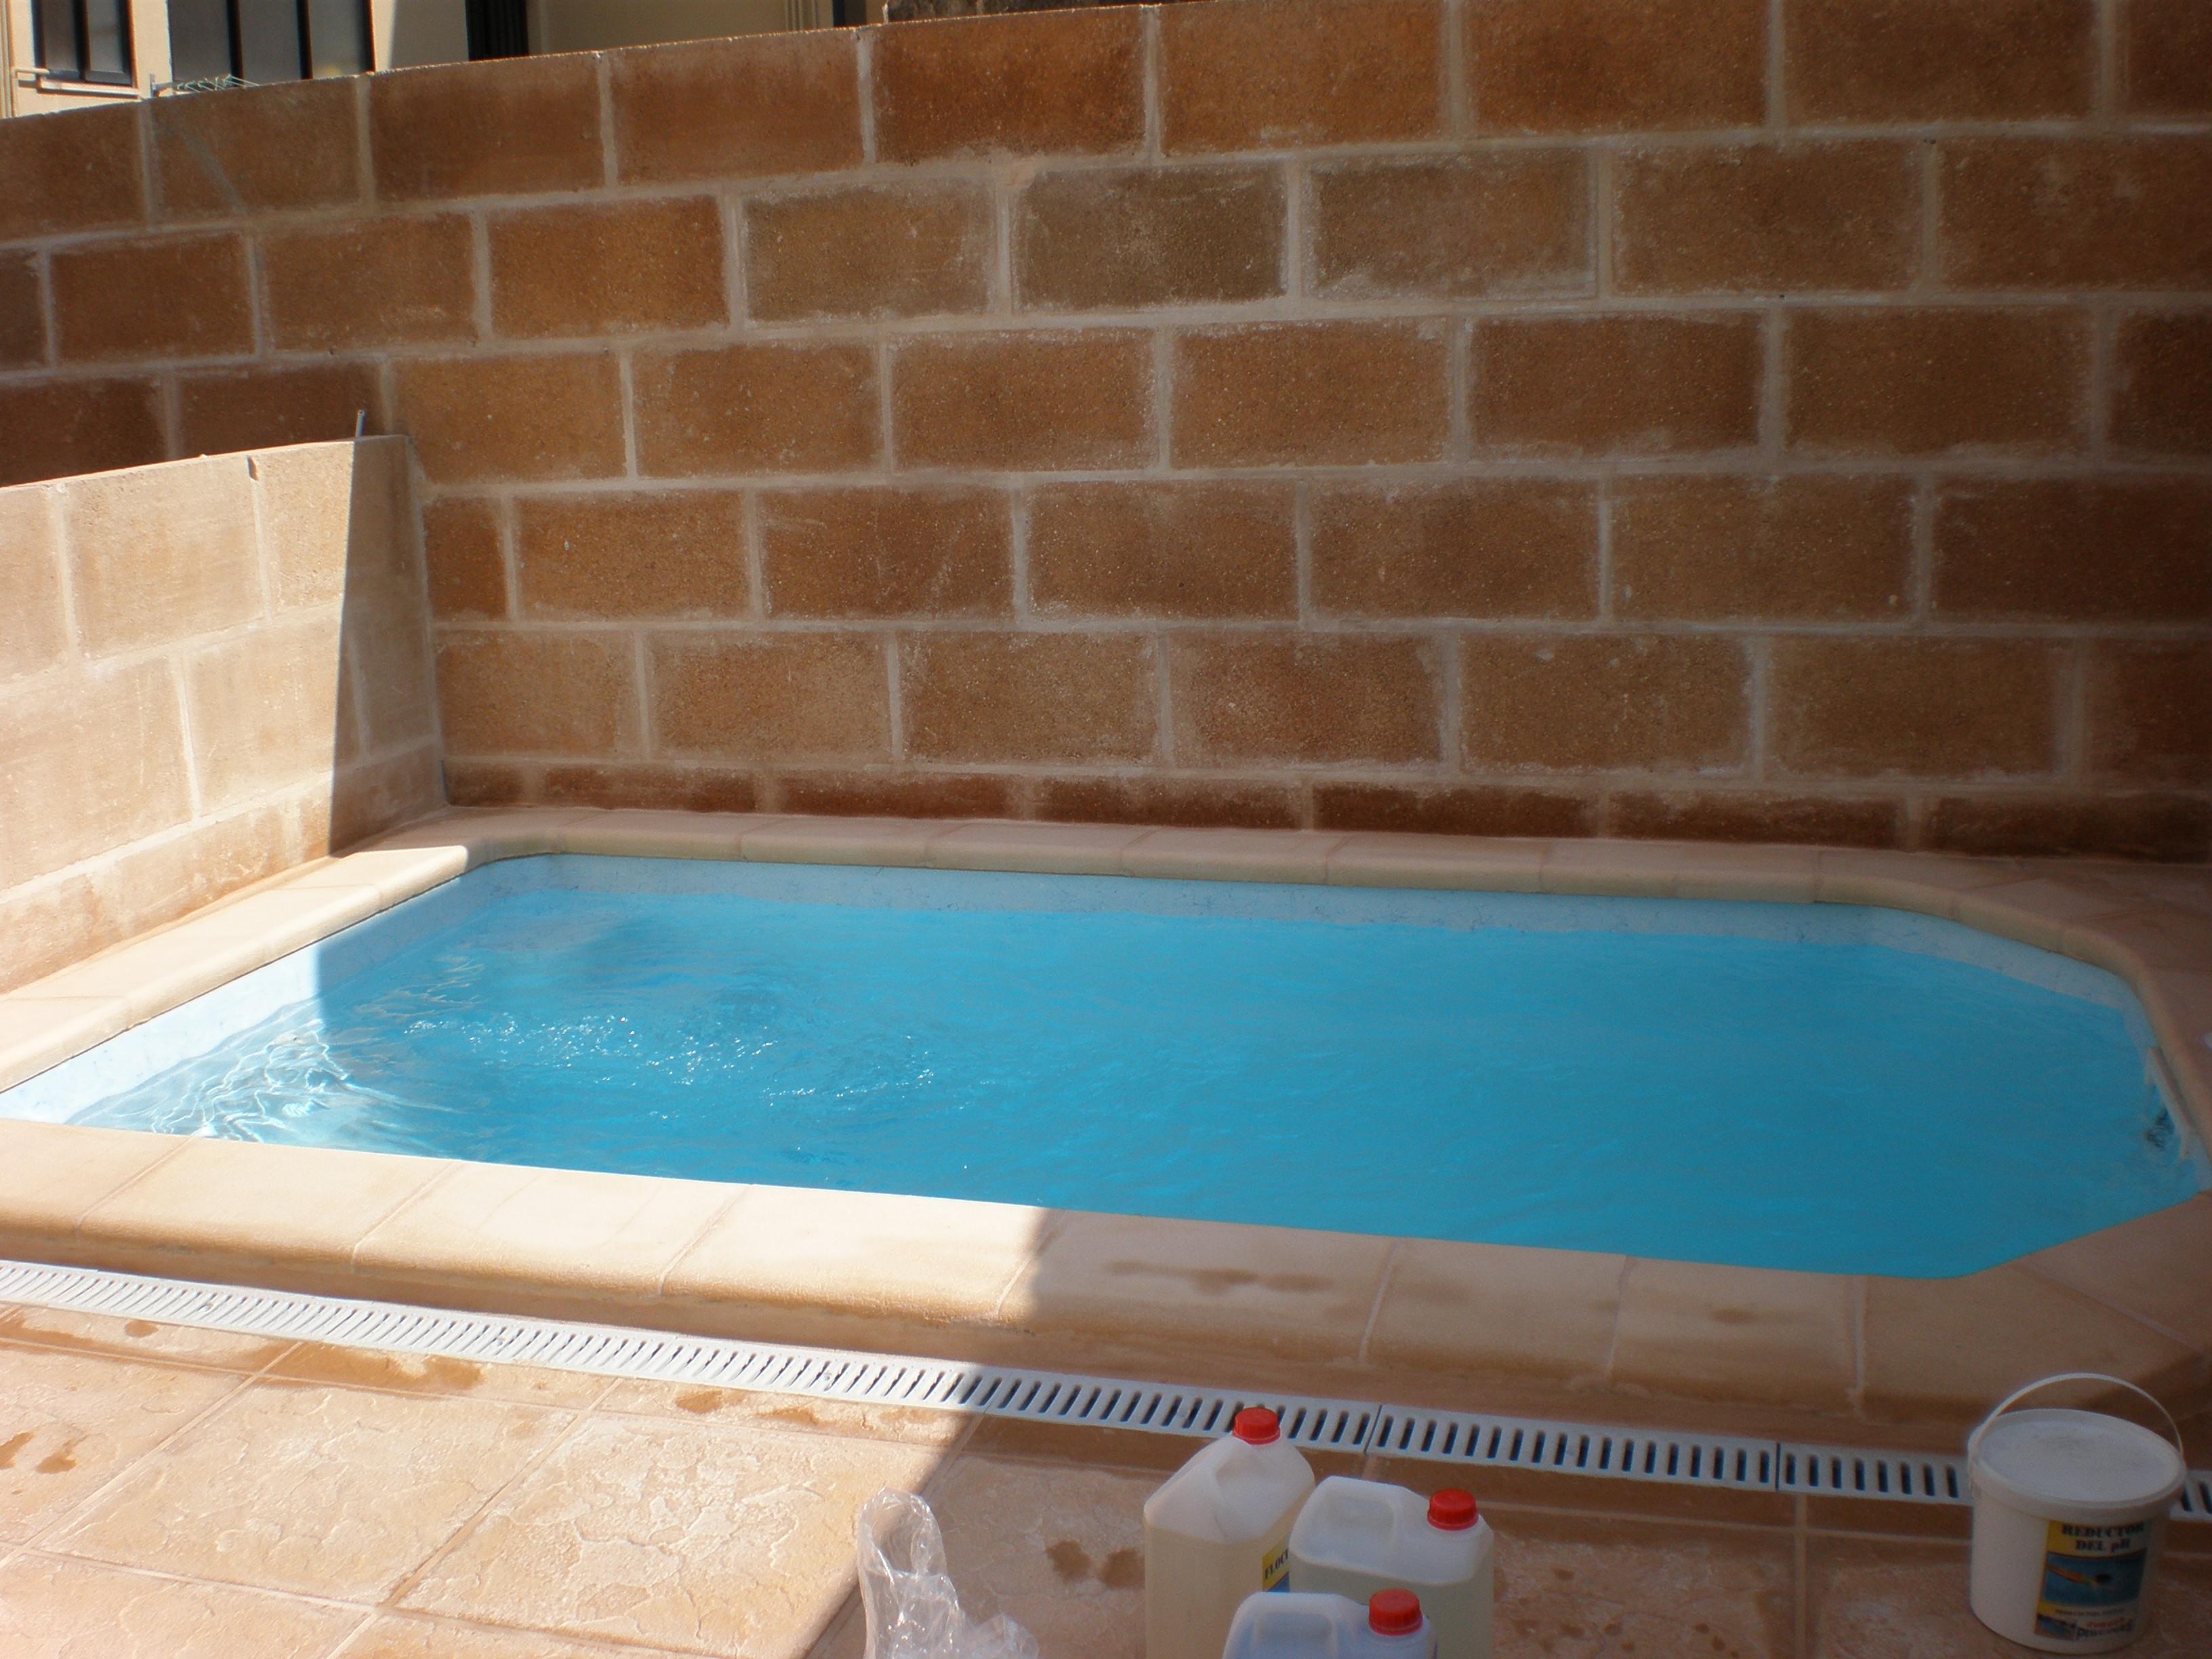 Micro pool piscinas mallorca europa piscinas palma - Piscinas prefabricadas precios ...